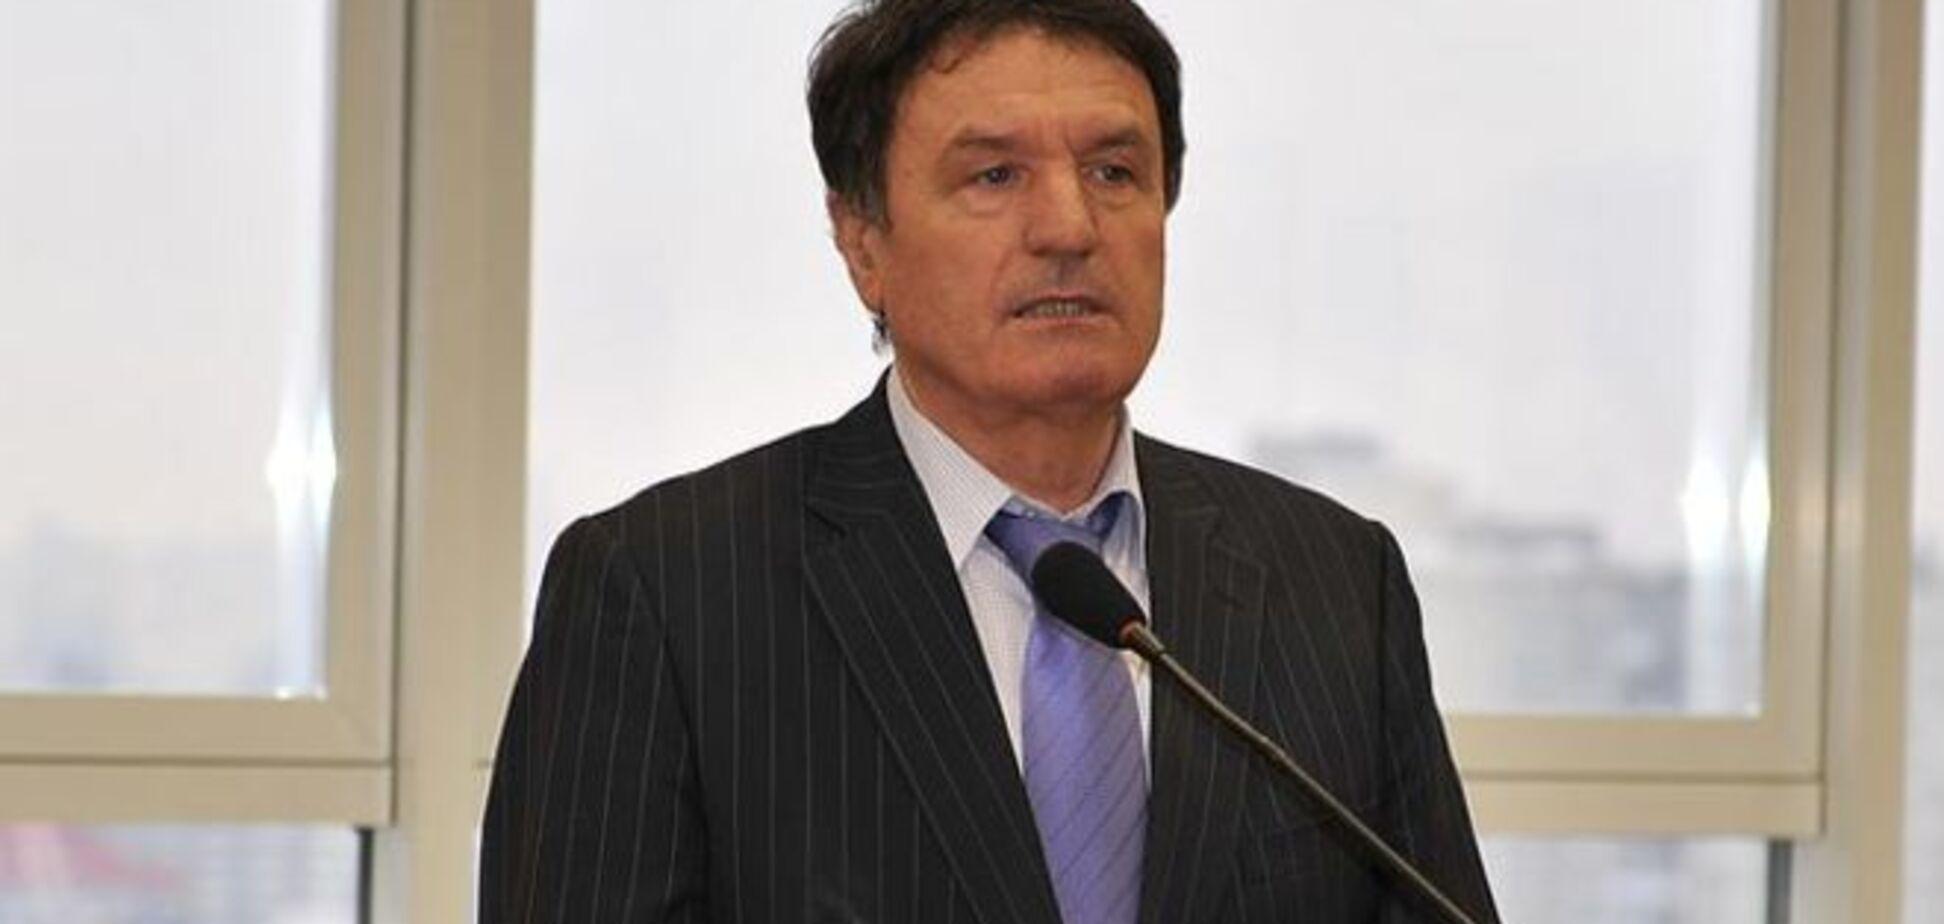 Хмара: заявление Чернушенко о давления со стороны АП нужно расследовать